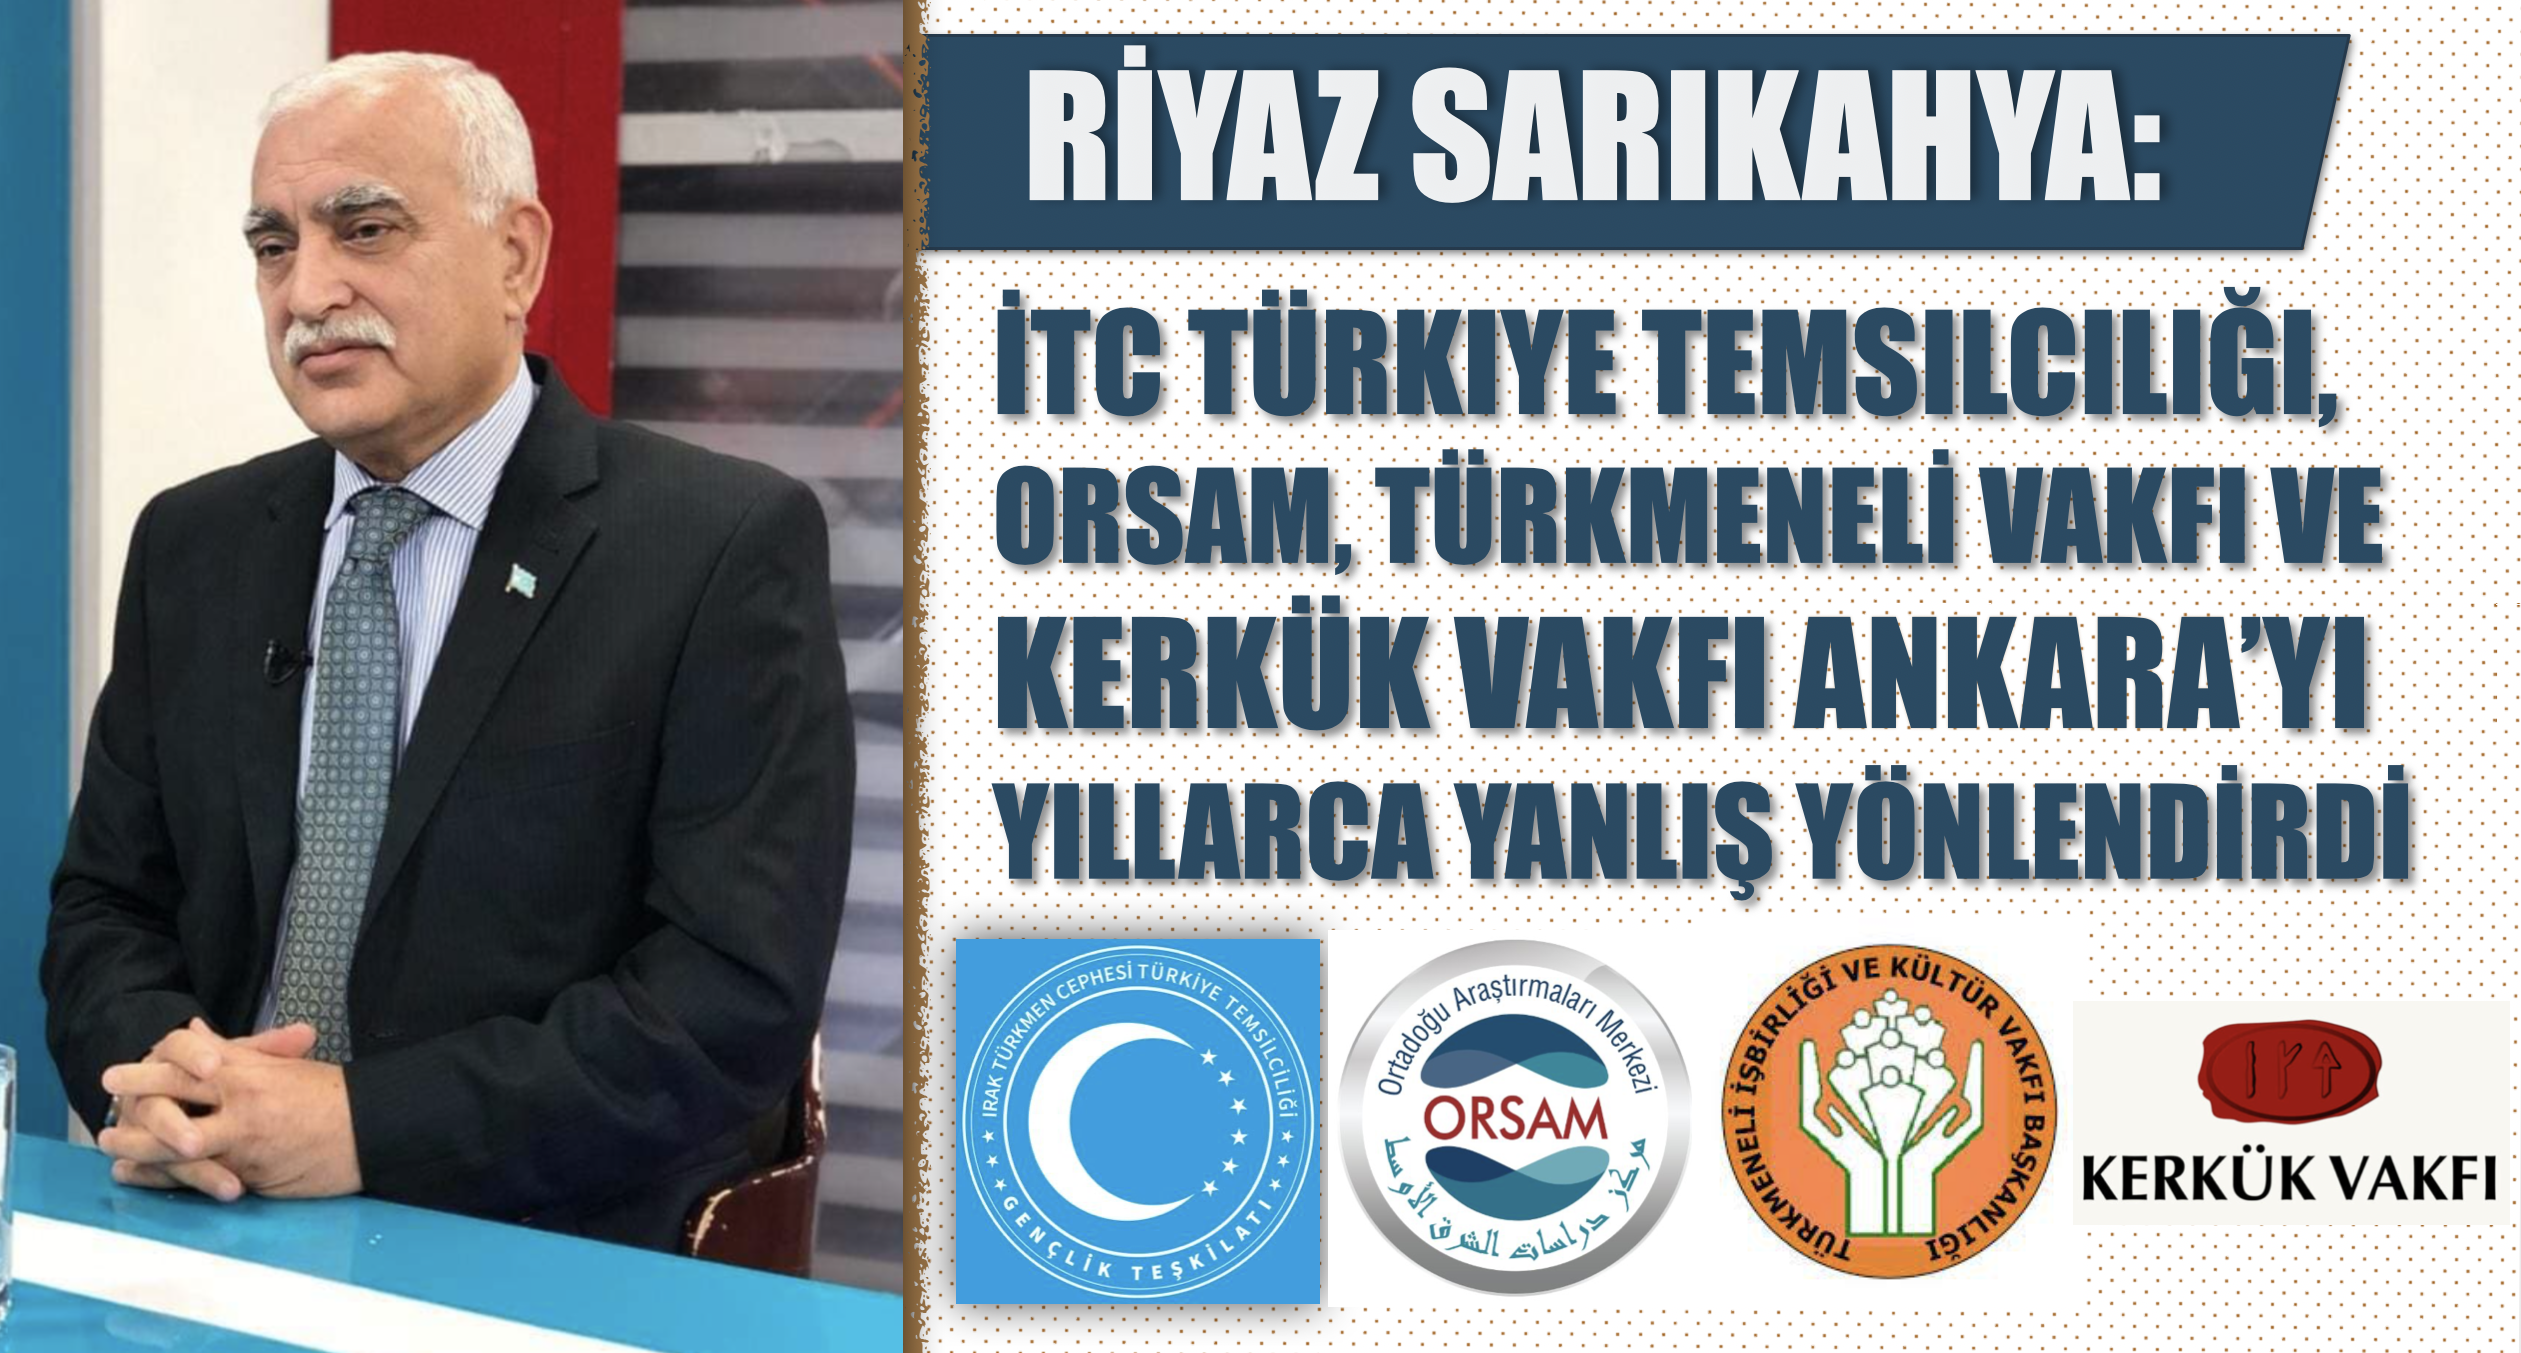 Riyaz Sarıkaya: İTC Türkiye Temsilciliği, ORSAM, Türkmeneli Vakfı ve Kerkük Vakfı Ankara'yı yıllarca yanlış yönlendirdi